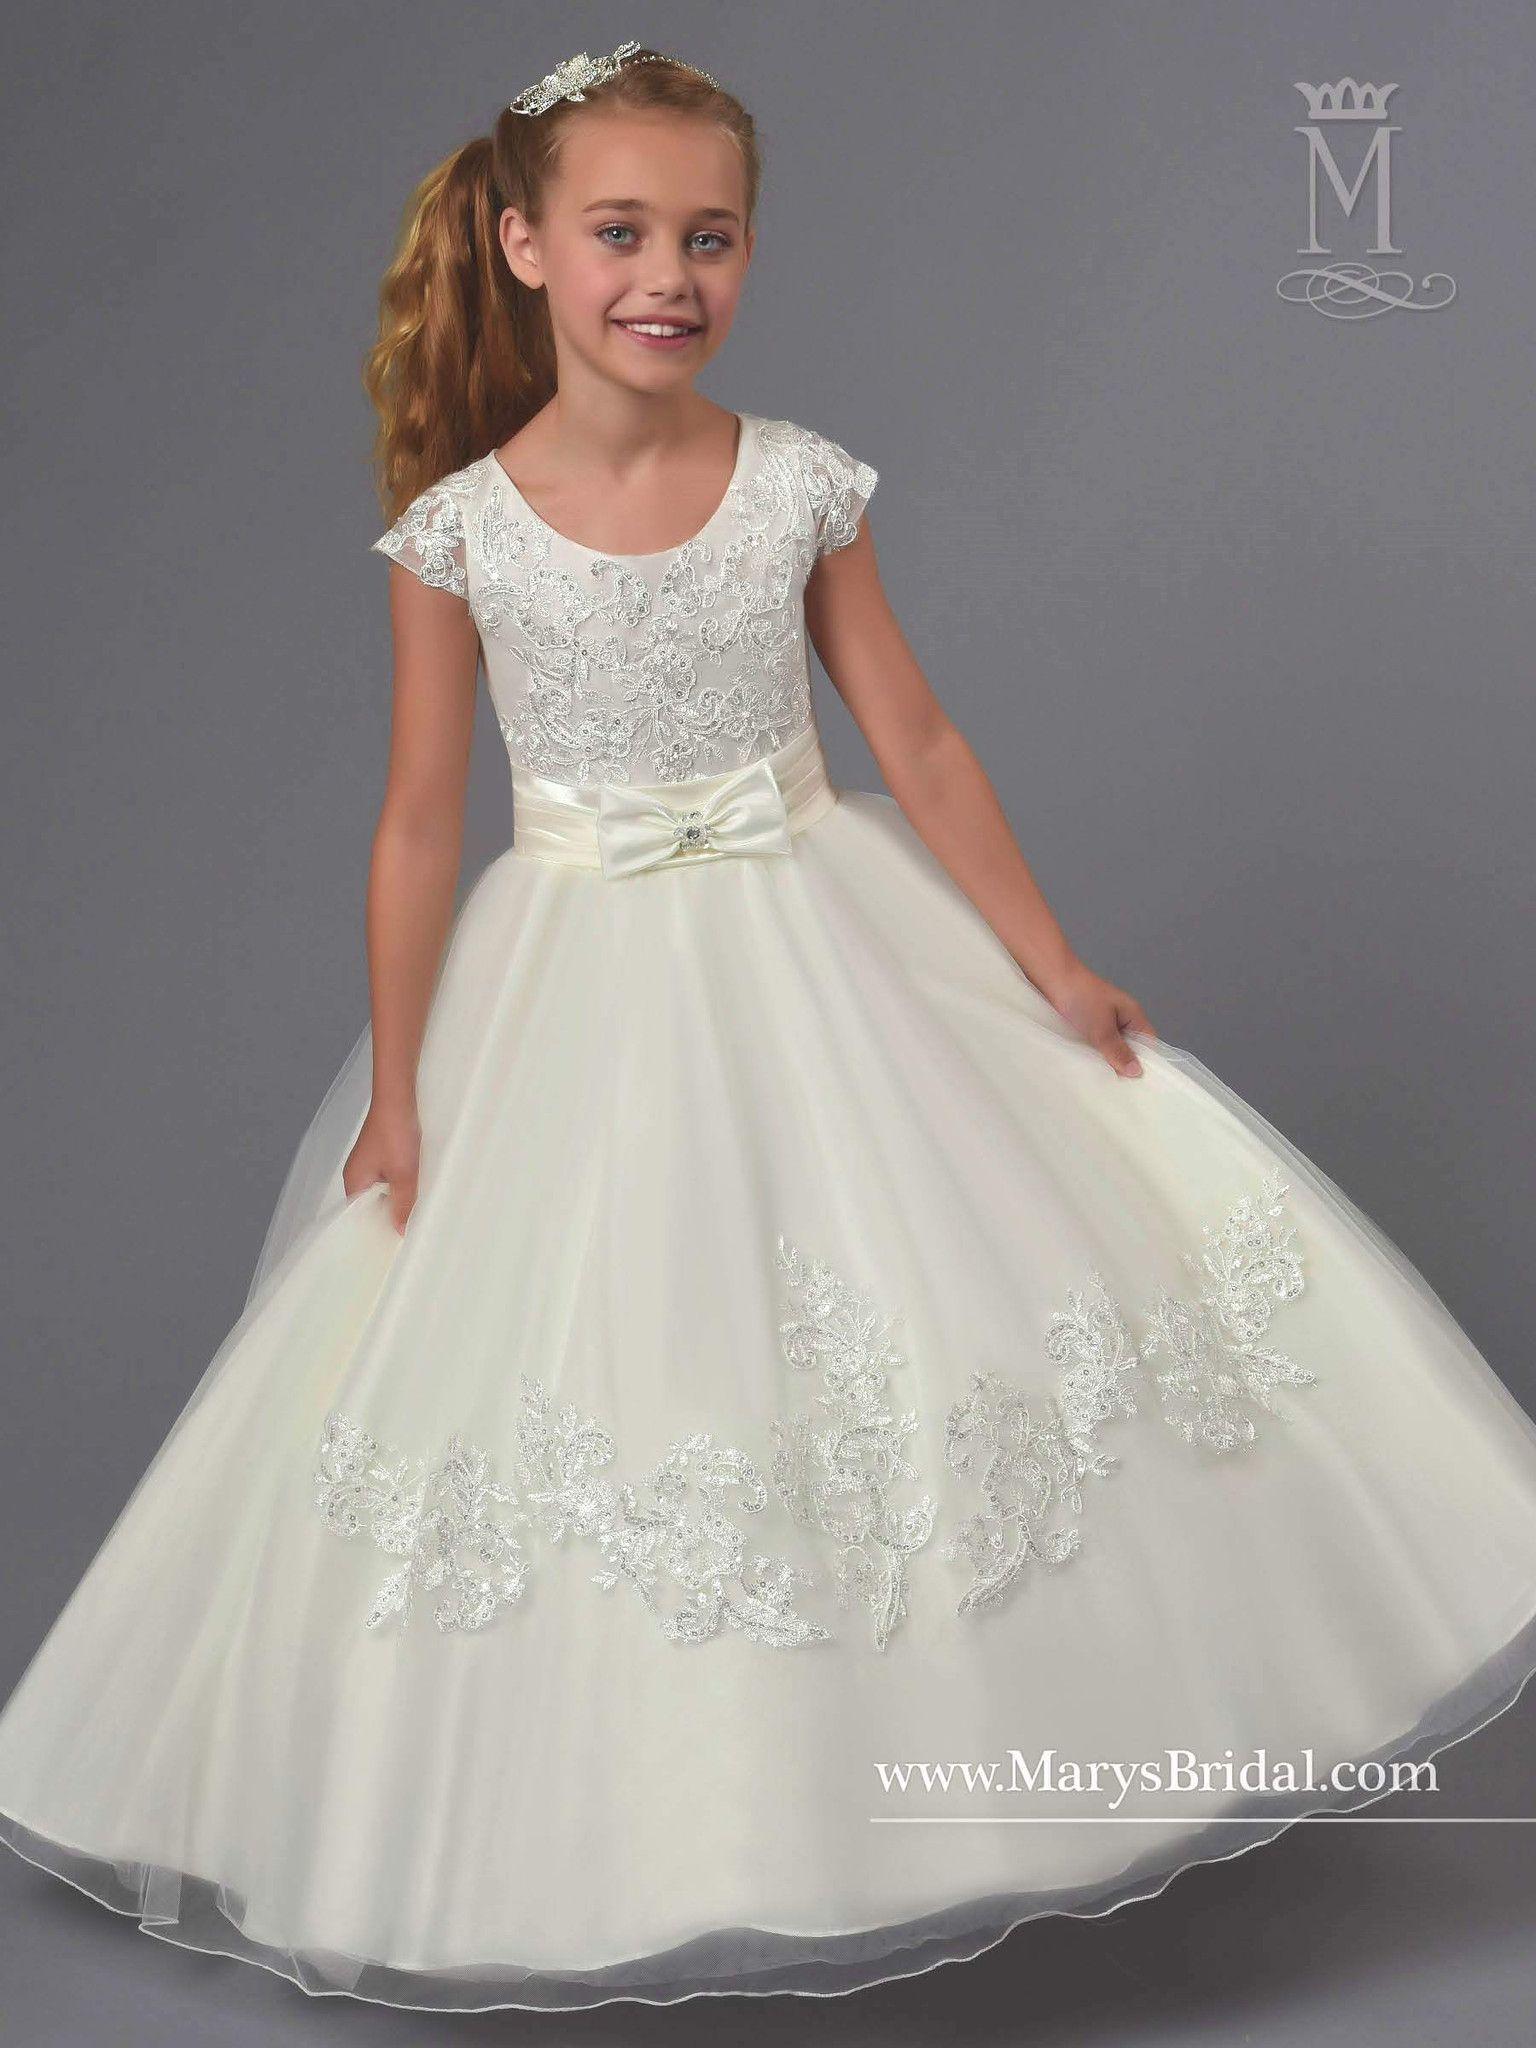 209b73ff65e Miama Ivory Lace Tulle Keyhole Back Wedding Flower Girl Dress .